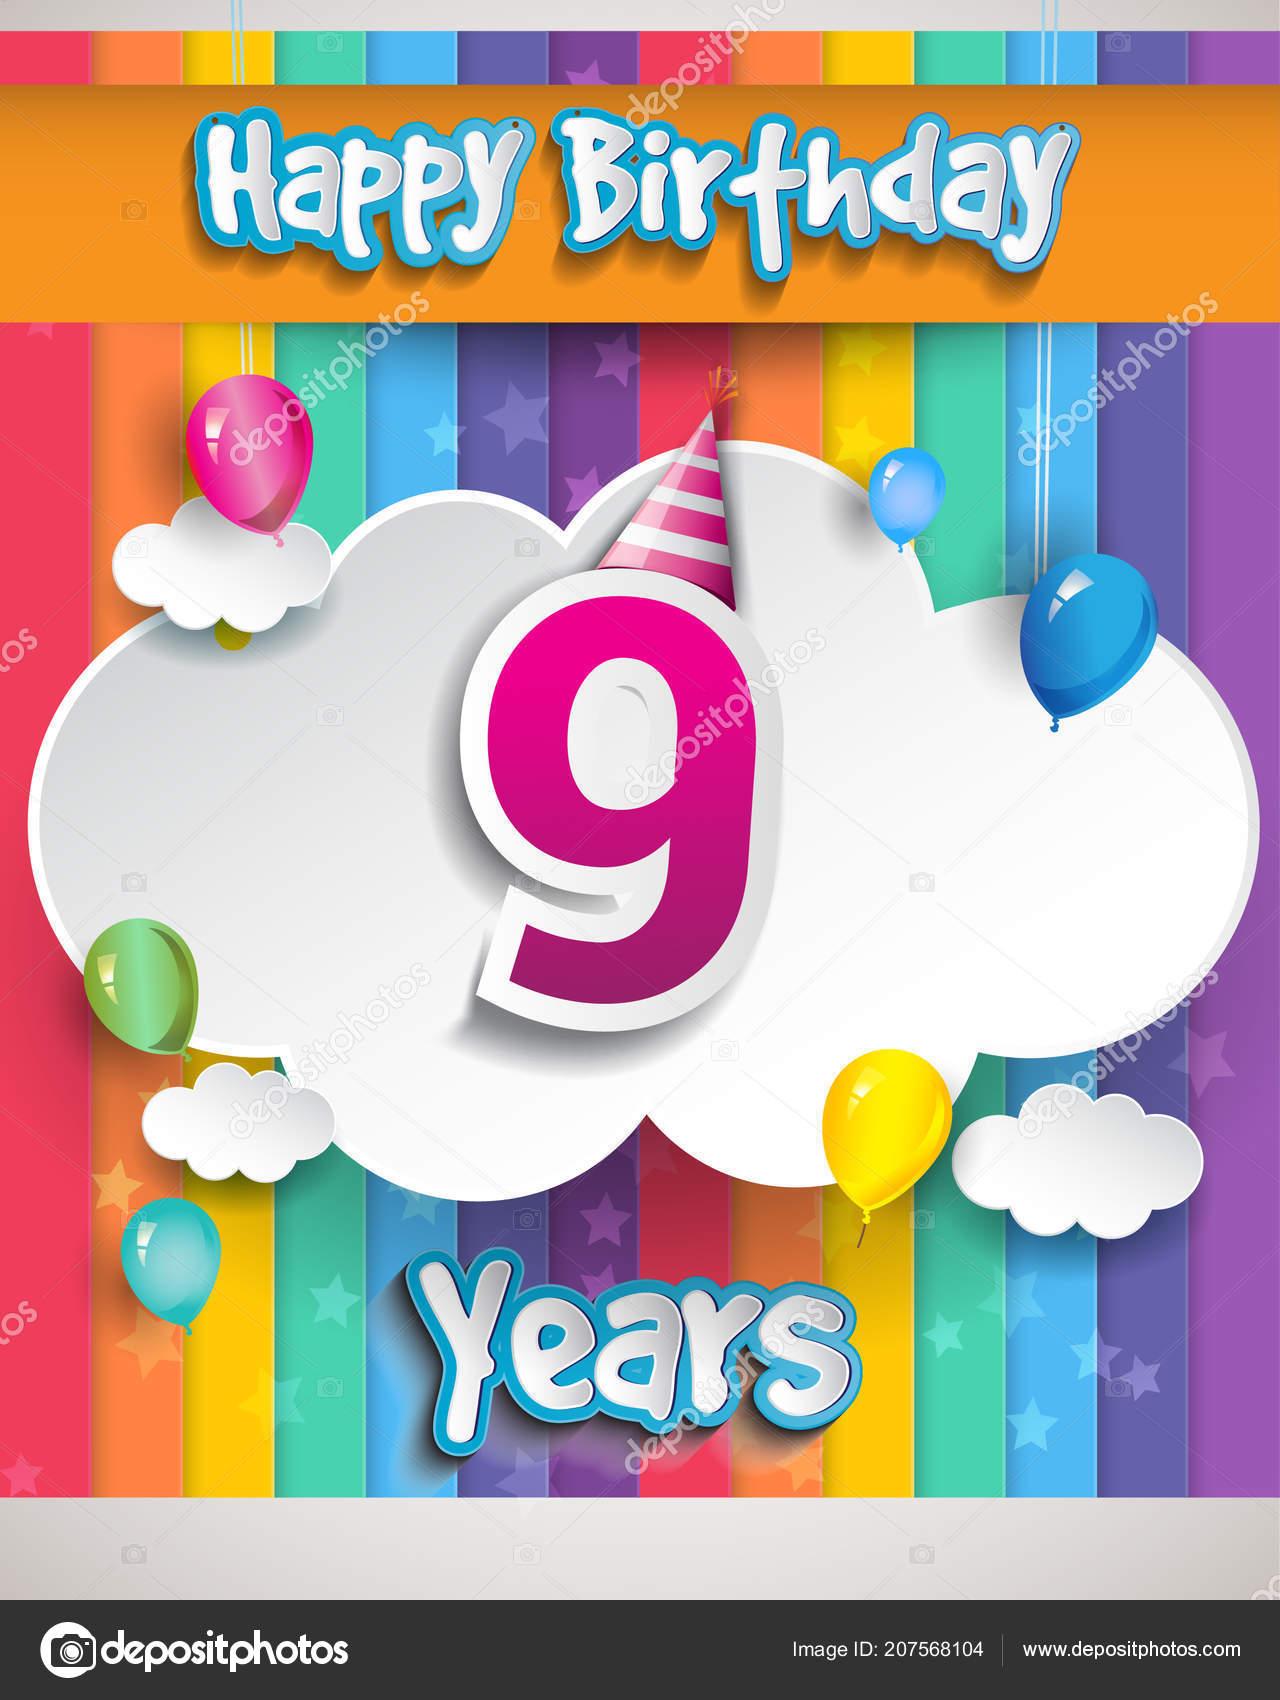 Celebración Del Cumpleaños Con Globos Nubes Diseño Colorido